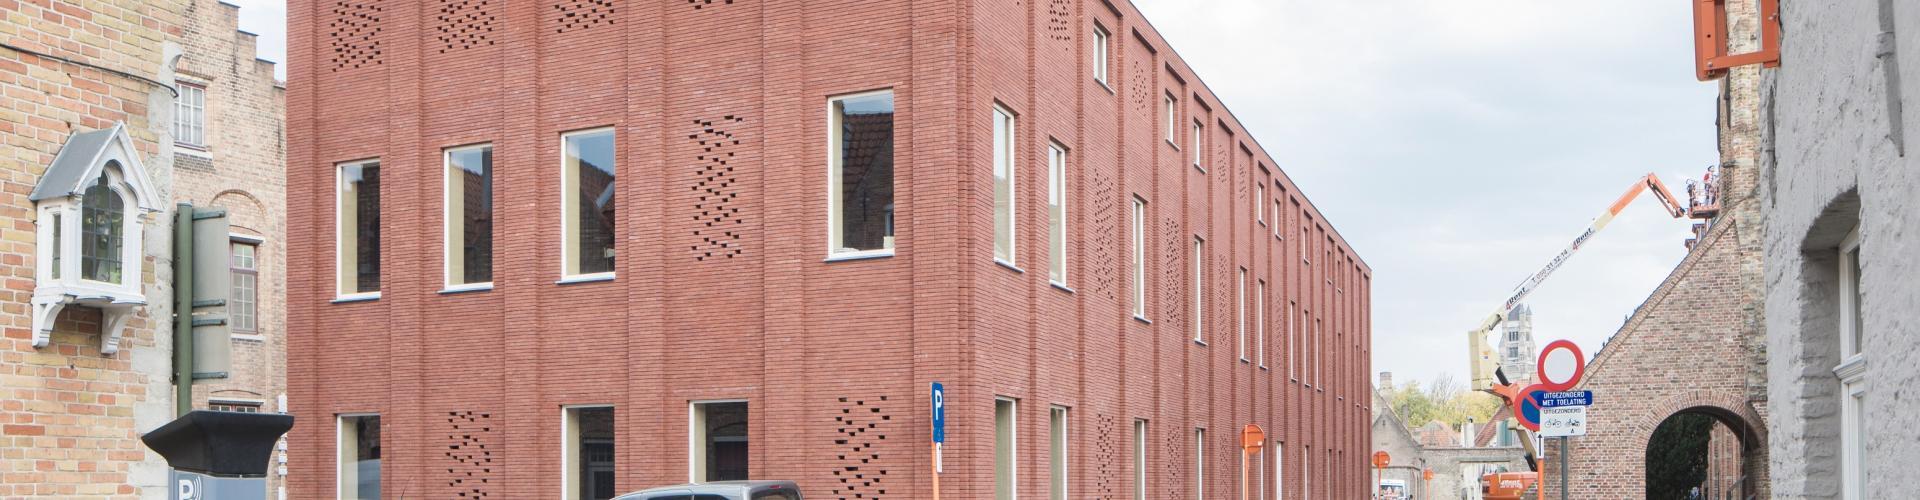 Stedelijke Academie voor Schone Kunsten - KSO Brugge